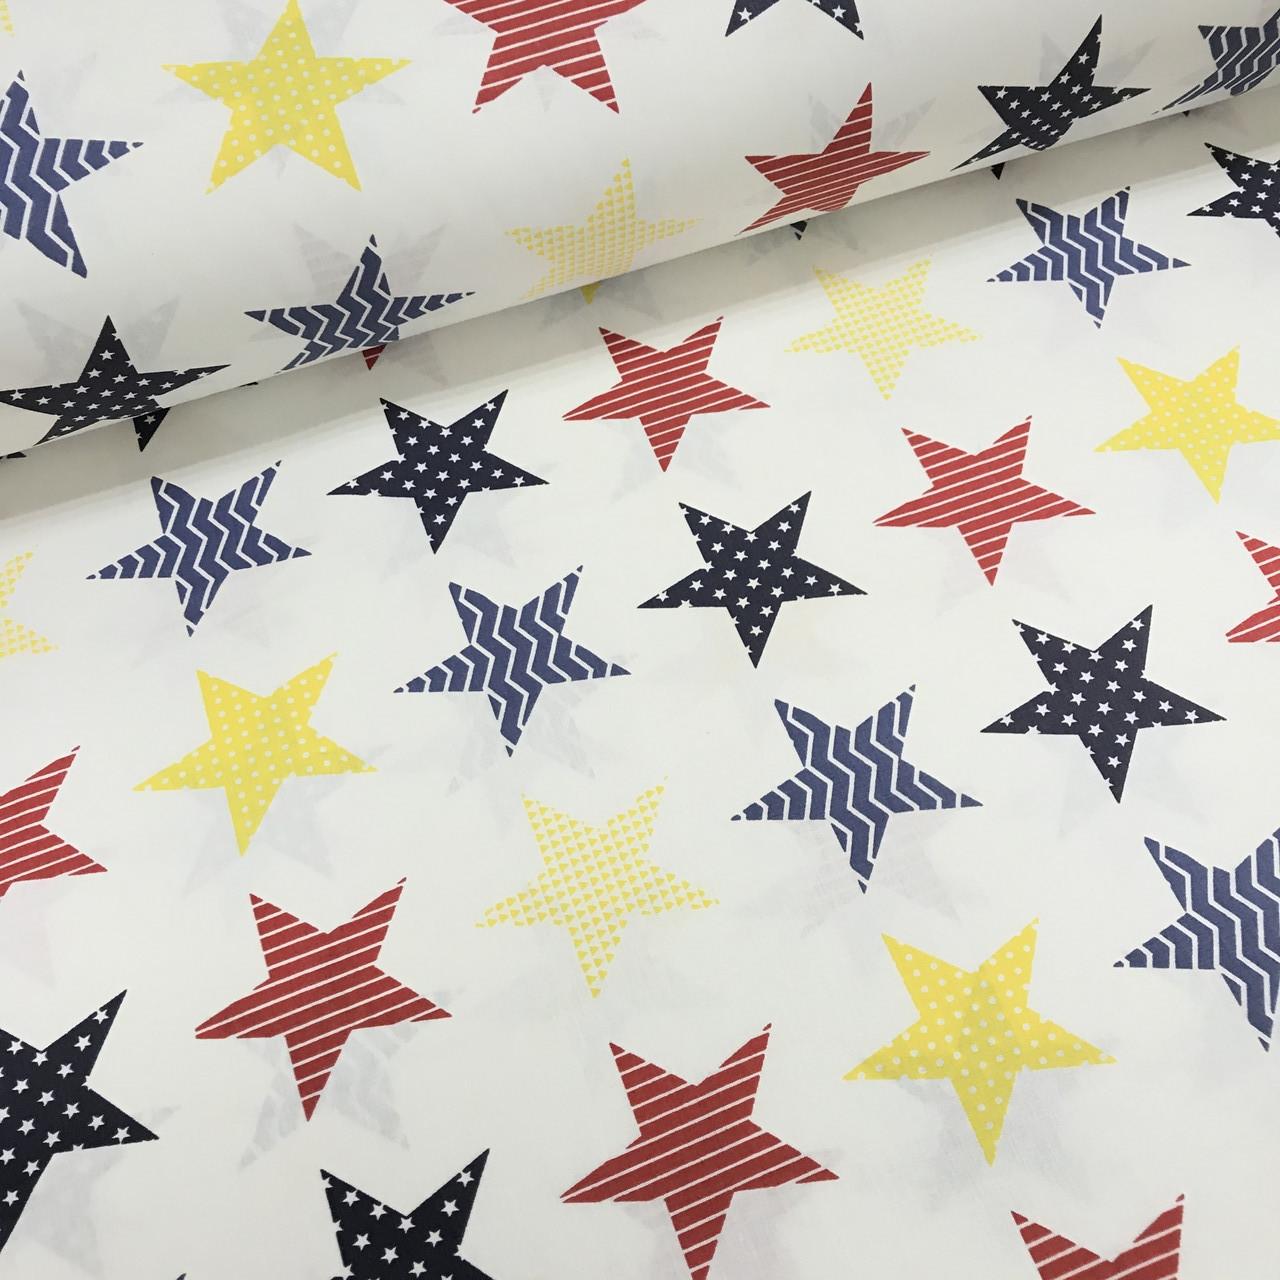 Ткань поплин звезды красно-синие с геометрическим рисунком внутри на белом  (ТУРЦИЯ шир. 2,4 м)